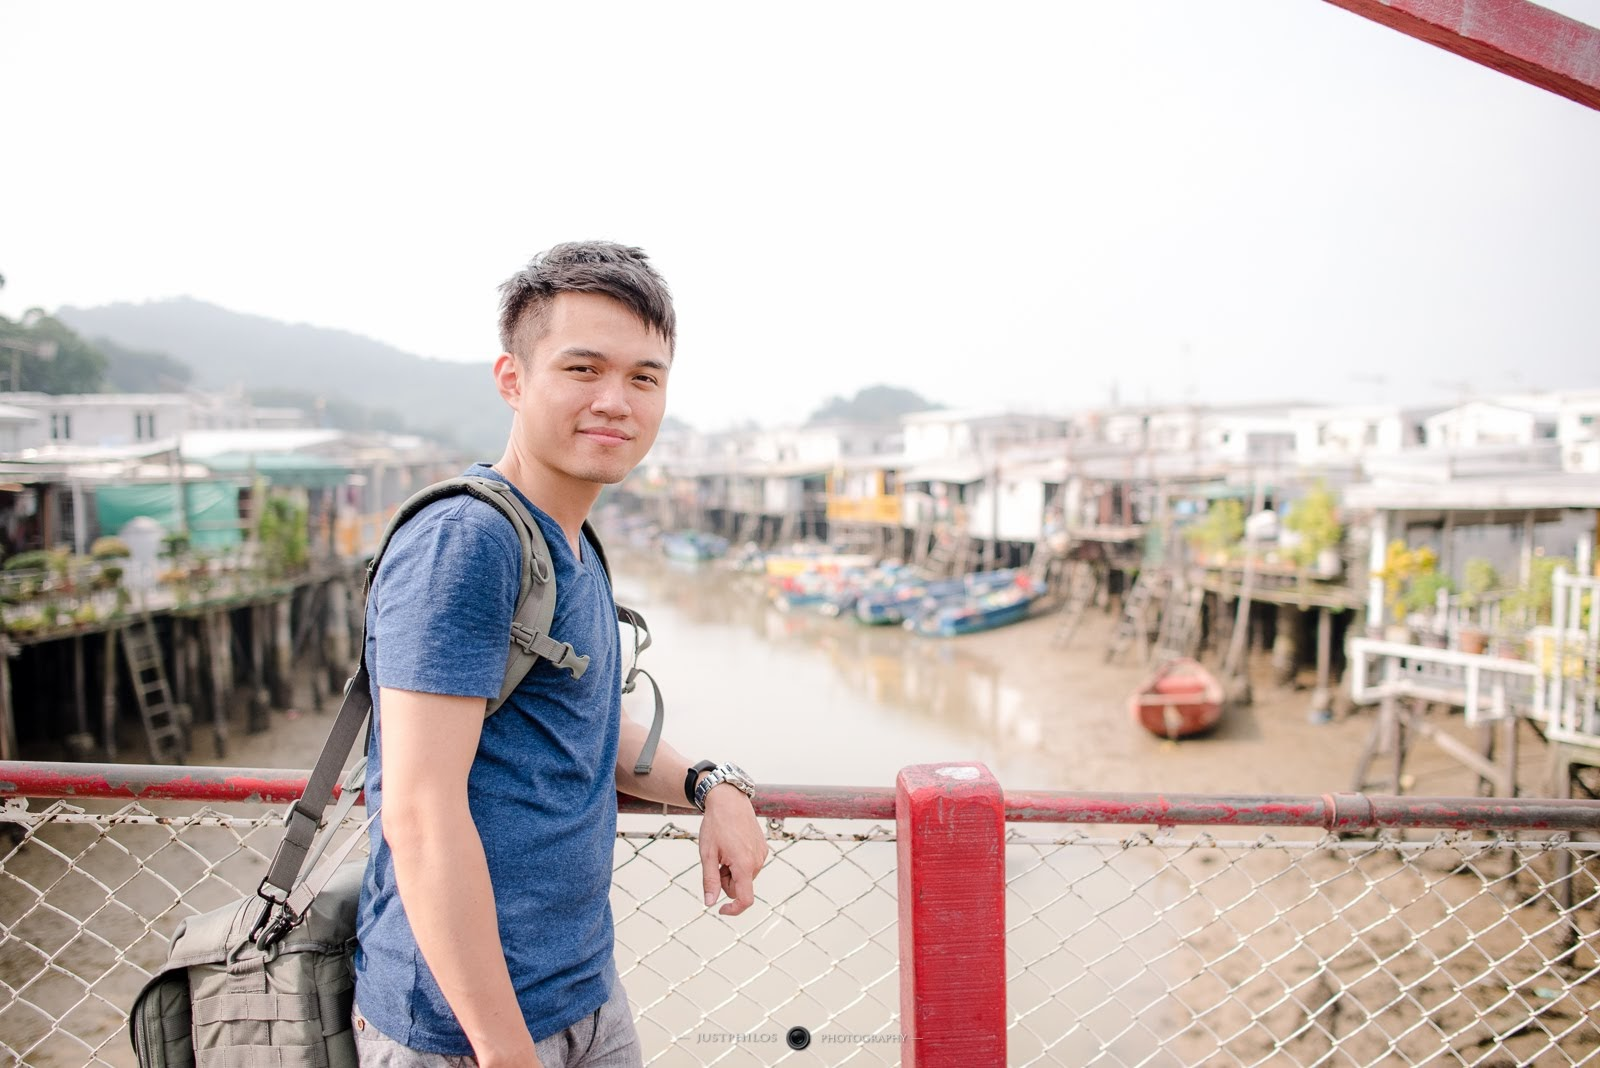 大澳應該是僅次於赤柱,整趟香港行最喜歡的地點之一。